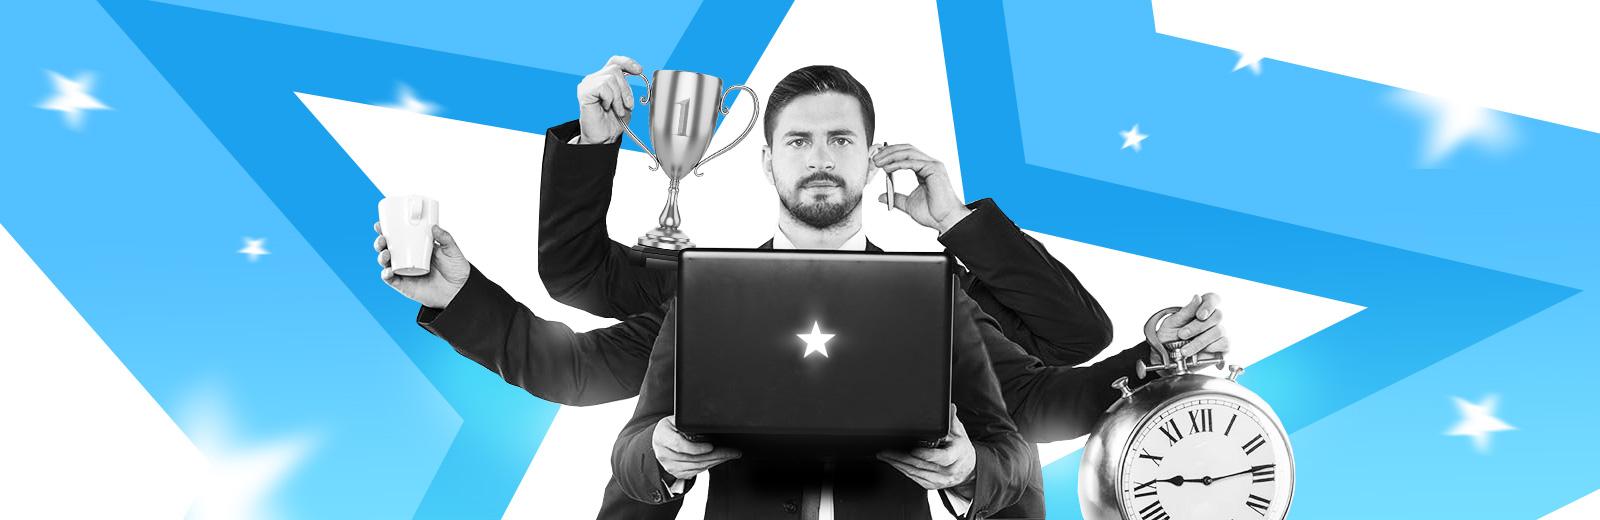 10 ключевых навыков руководителя проектов